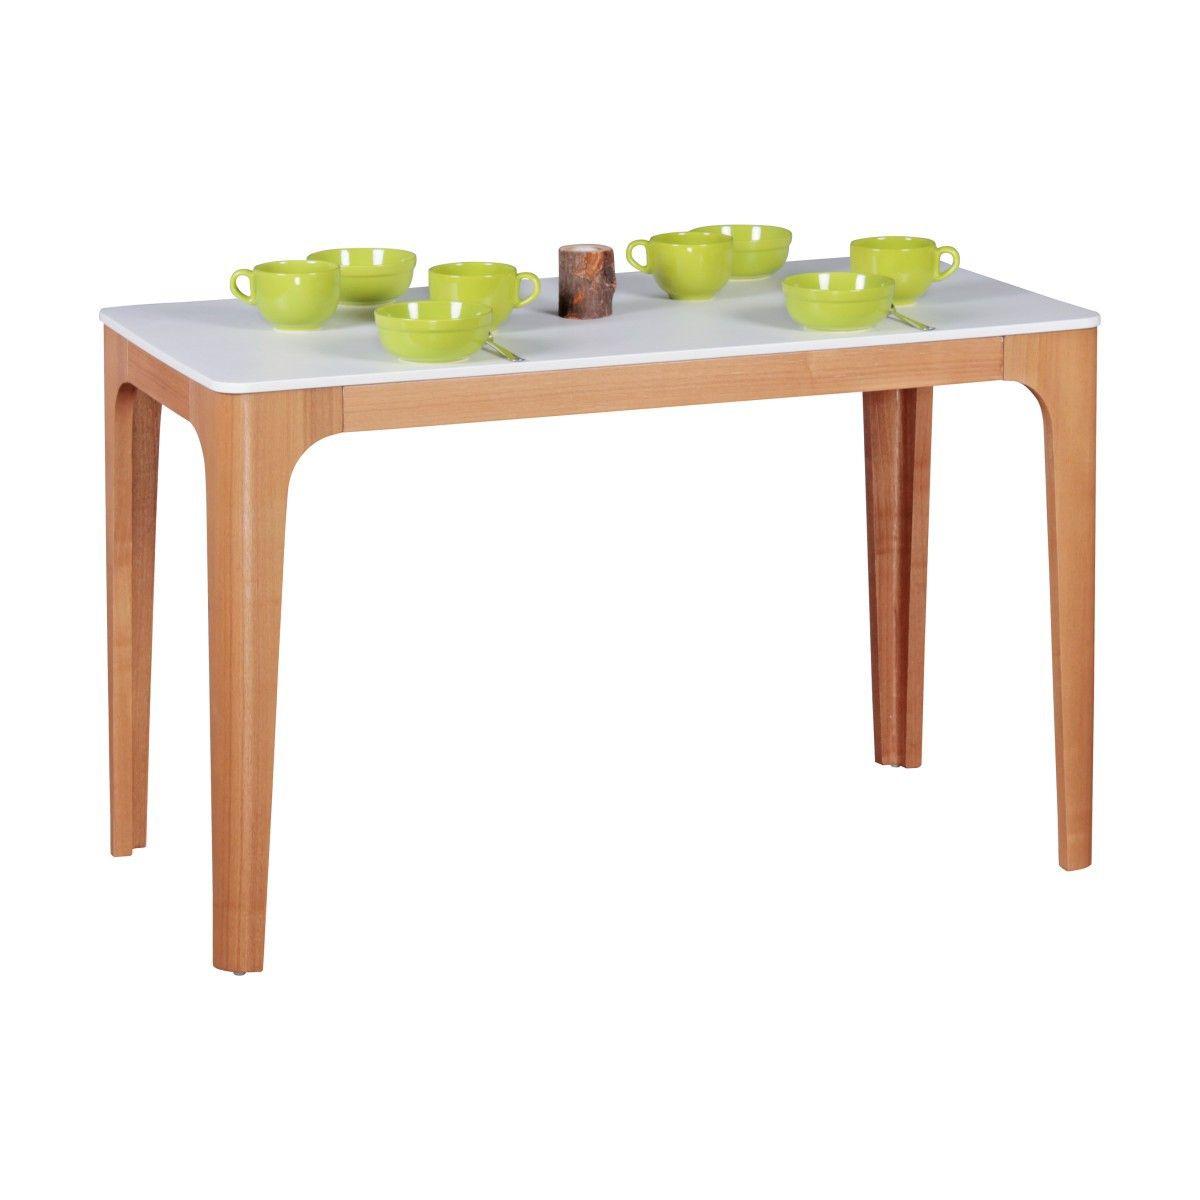 Finebuy Esszimmertisch 120 X 76 X 60 Cm Mdf Holz Esstisch Mit Tischplatte In Weiss Design Kuchentisch Retro Holztisch Jetzt Esstisch Haus Innenarchitektur Tisch